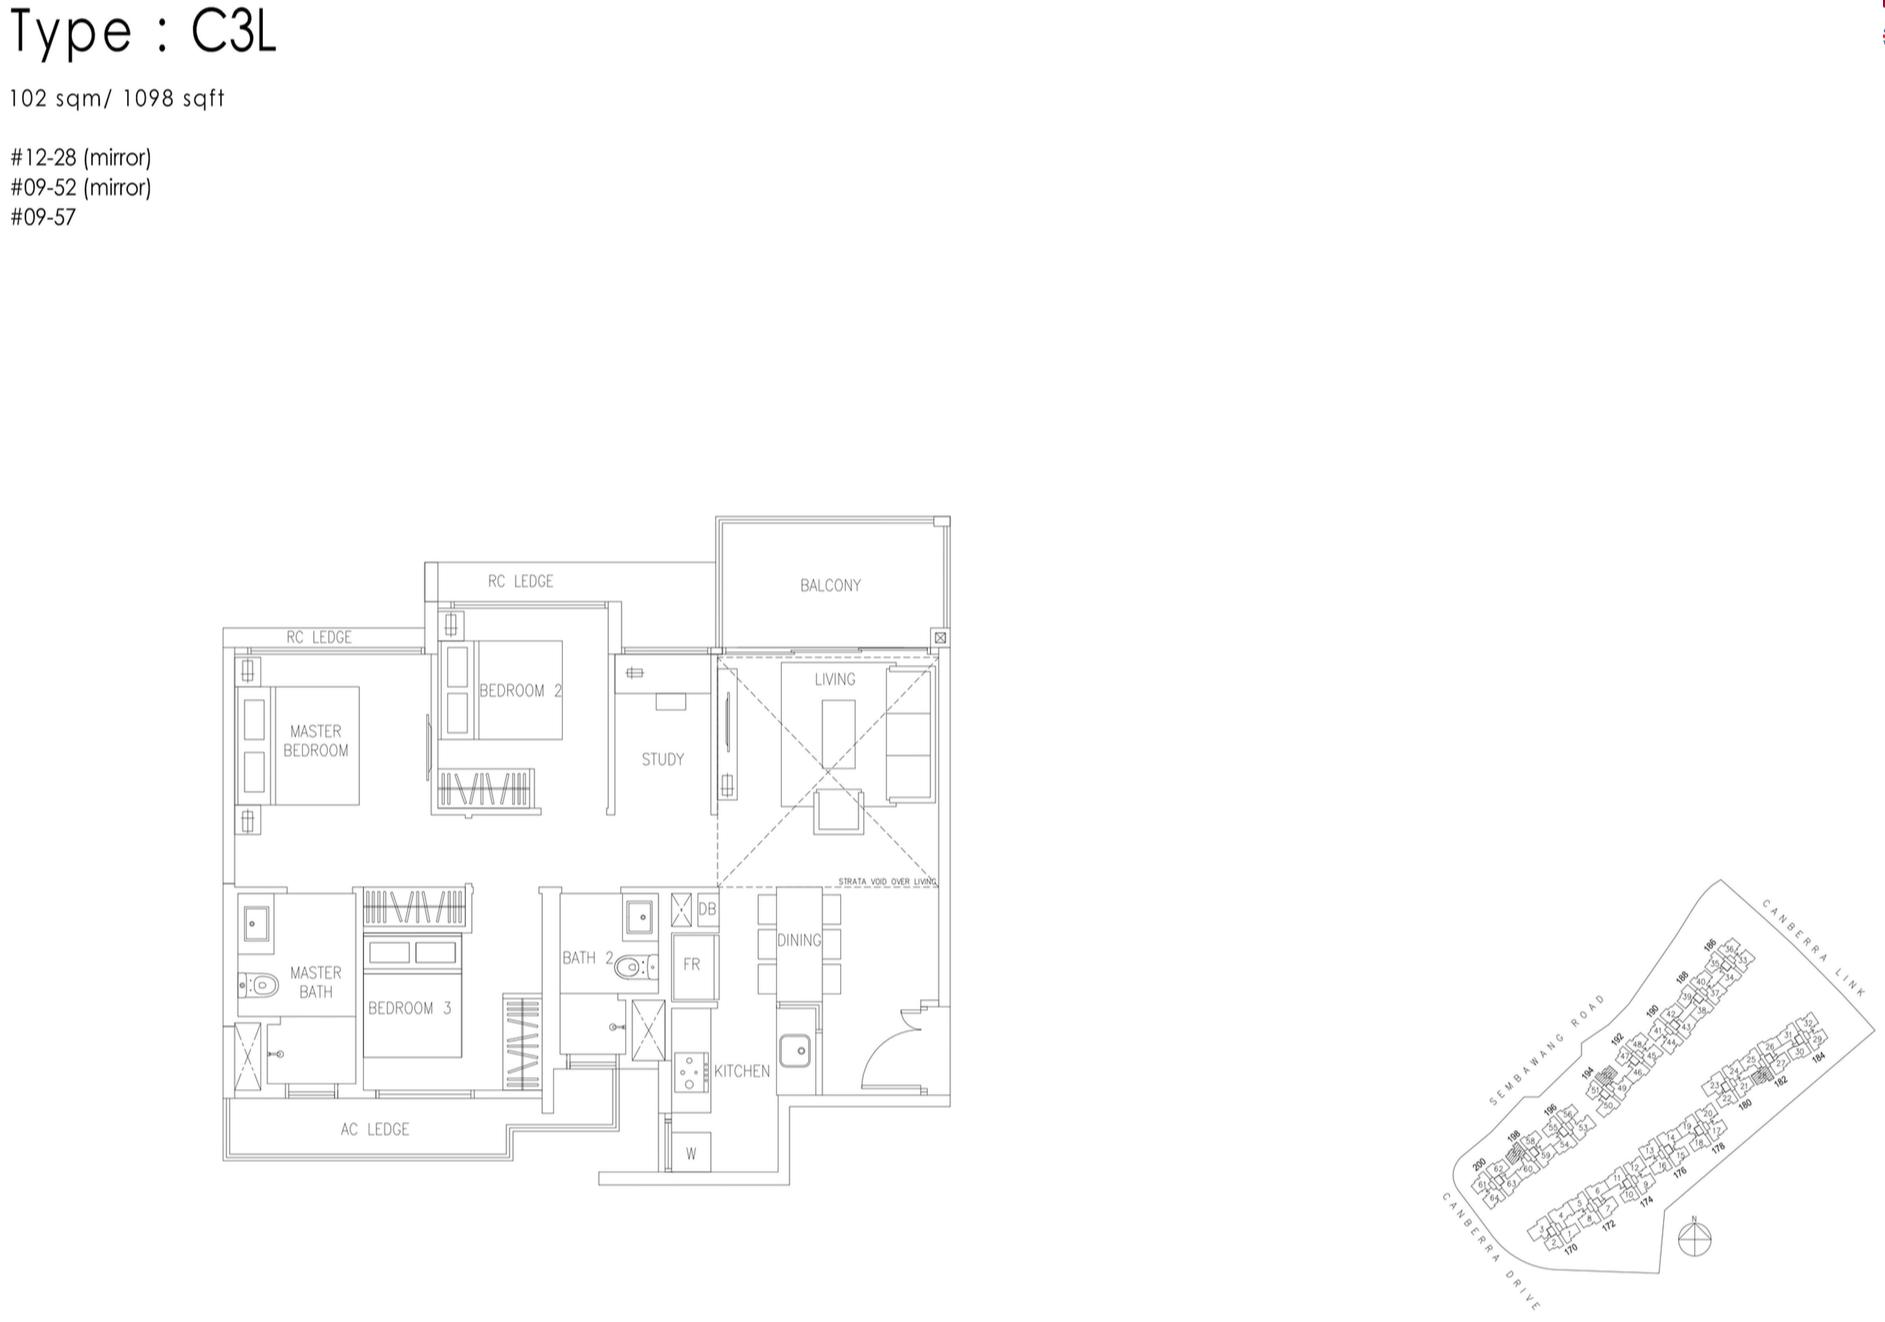 The Visionaire EC Floor Plan - 3 Bedroom+Study C3L 102 sqm 1098 sqft